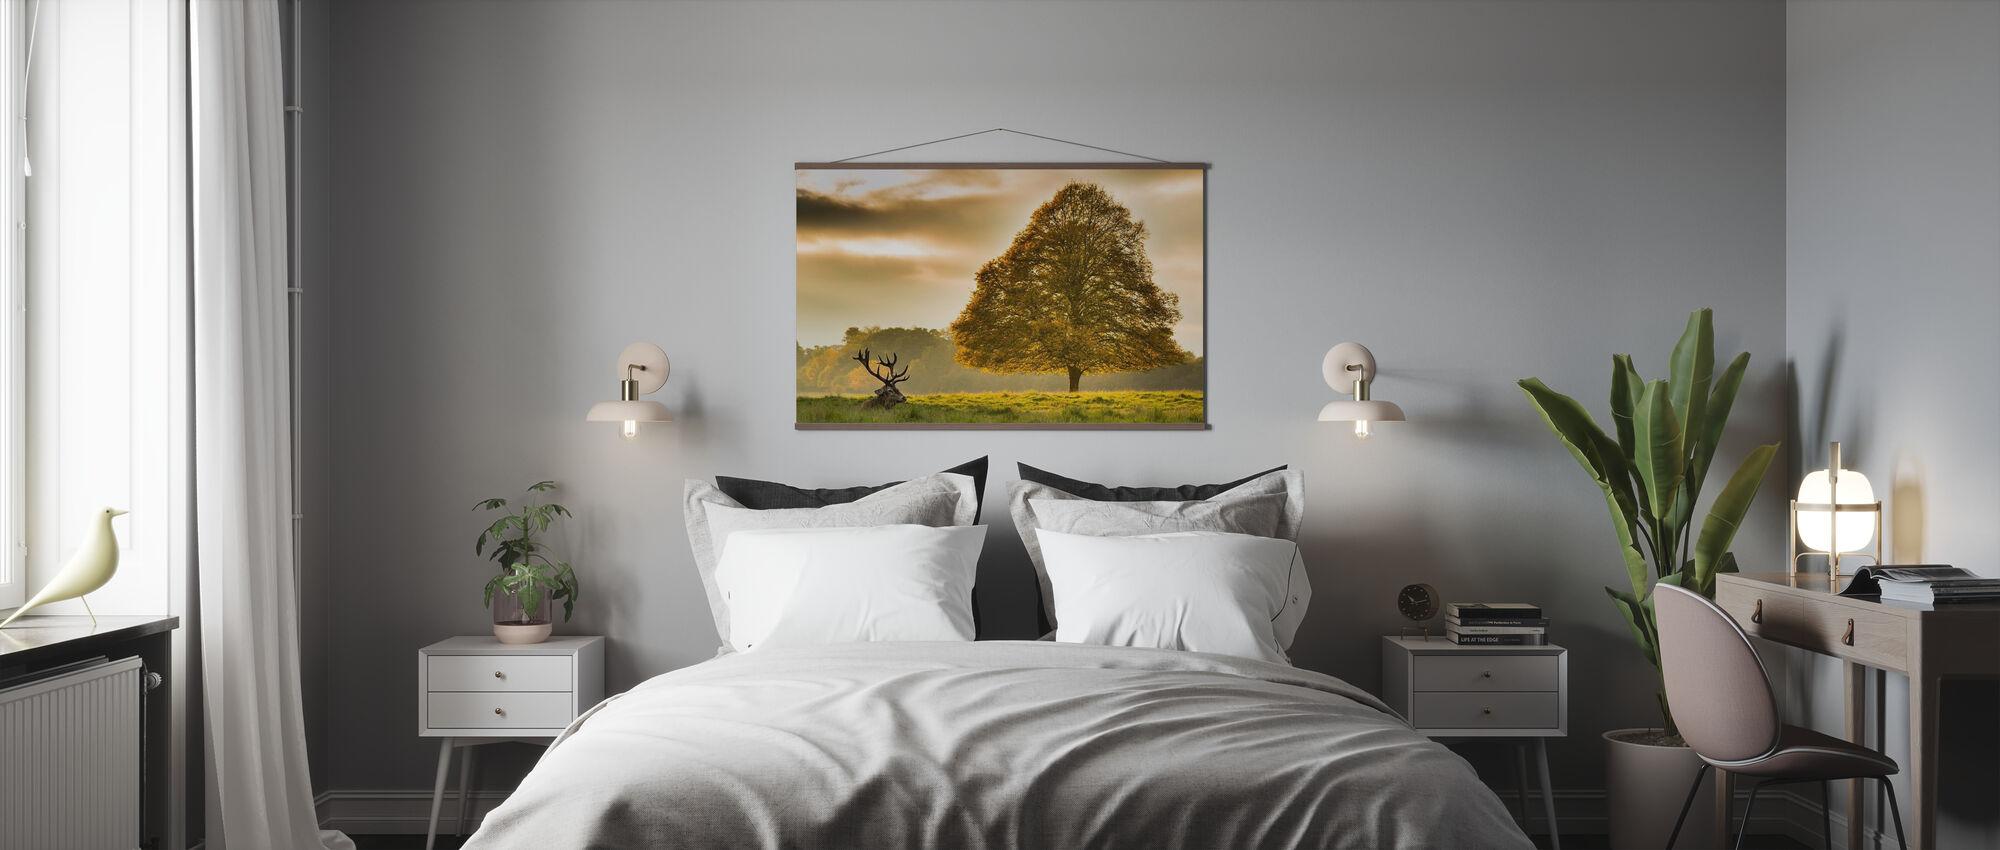 Hjorte og træet - Plakat - Soveværelse